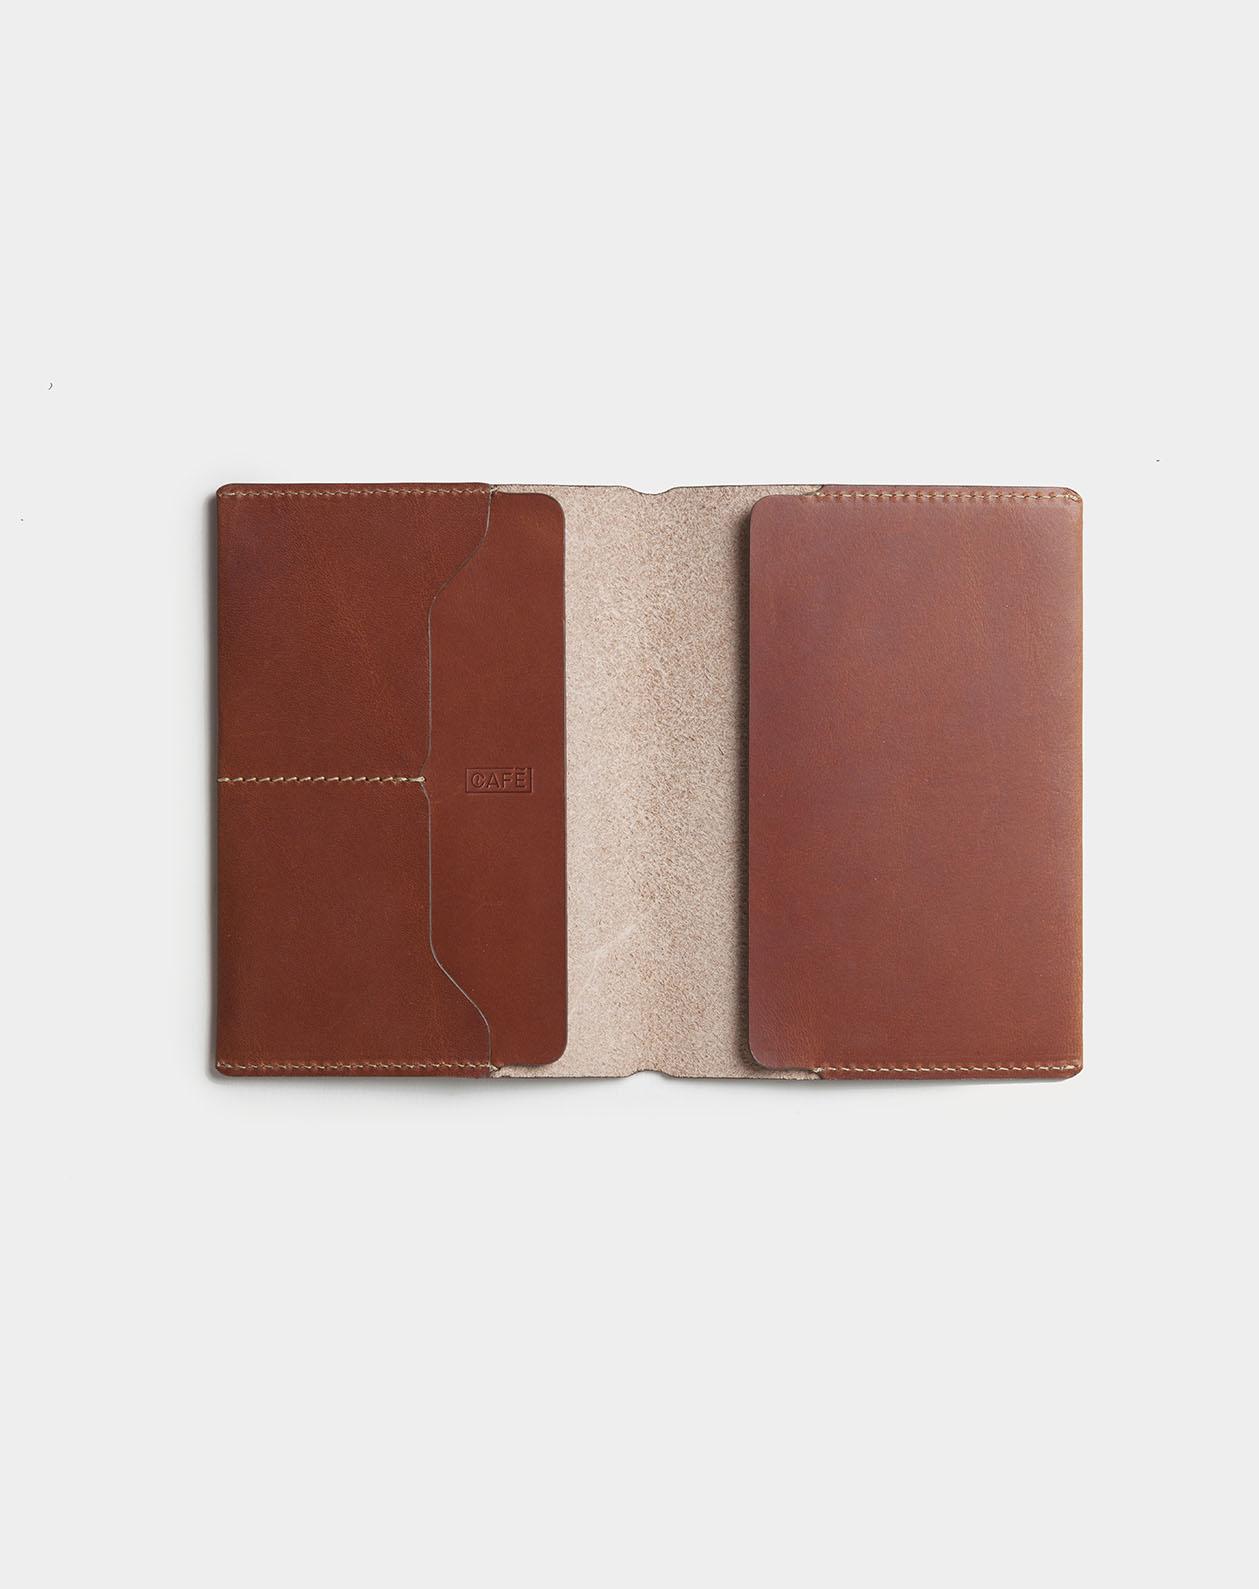 passport wallet open